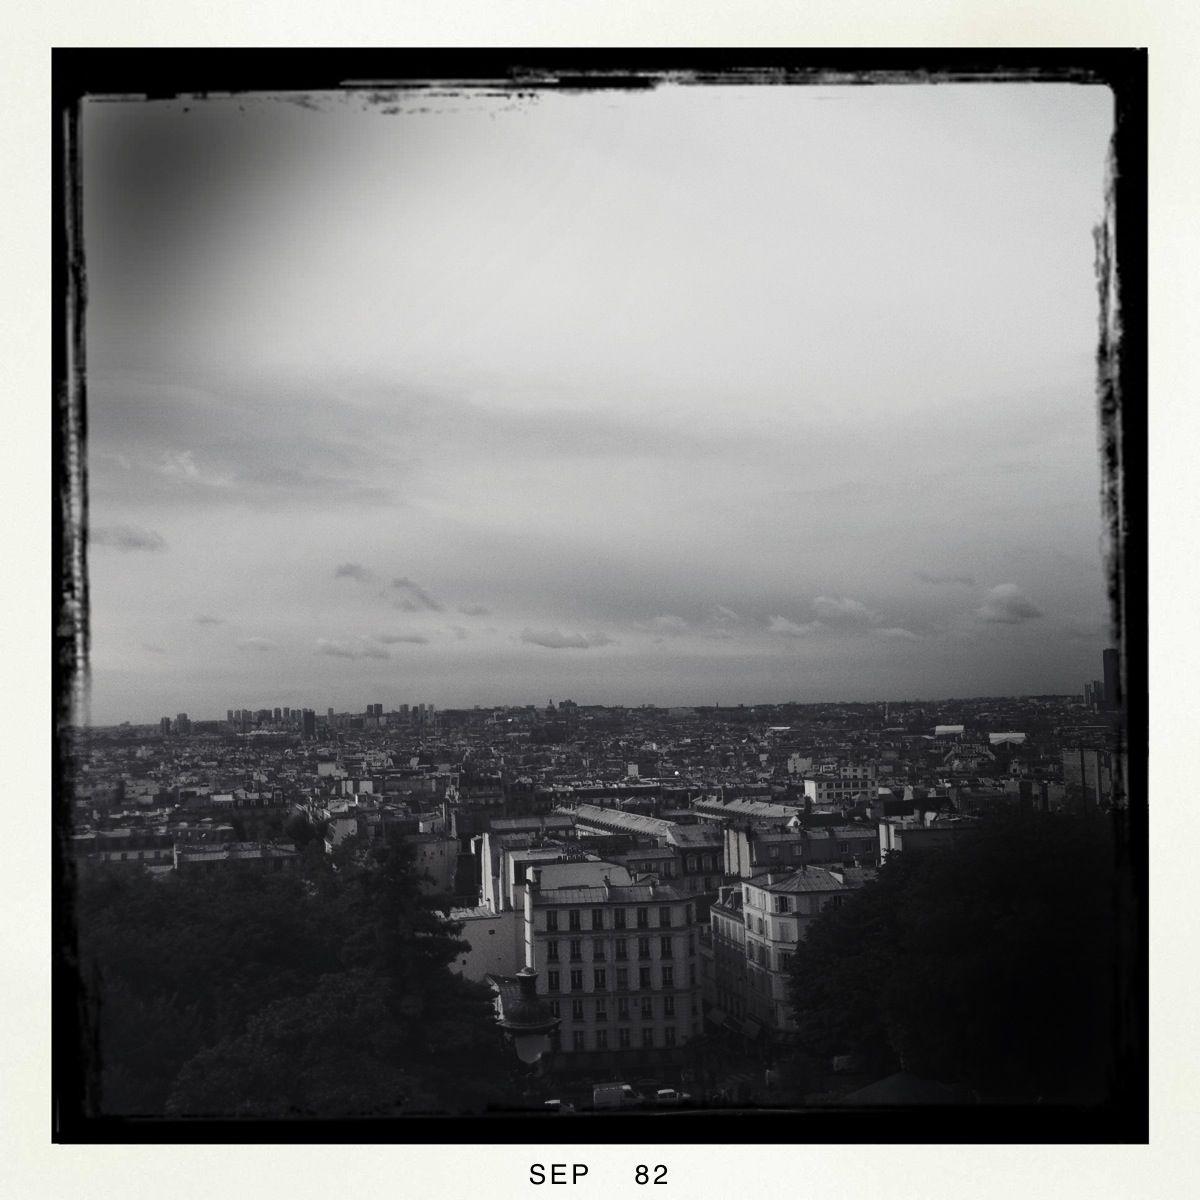 Nach dem Aufstieg zum Montmartre erkenne ich erste Gebäude